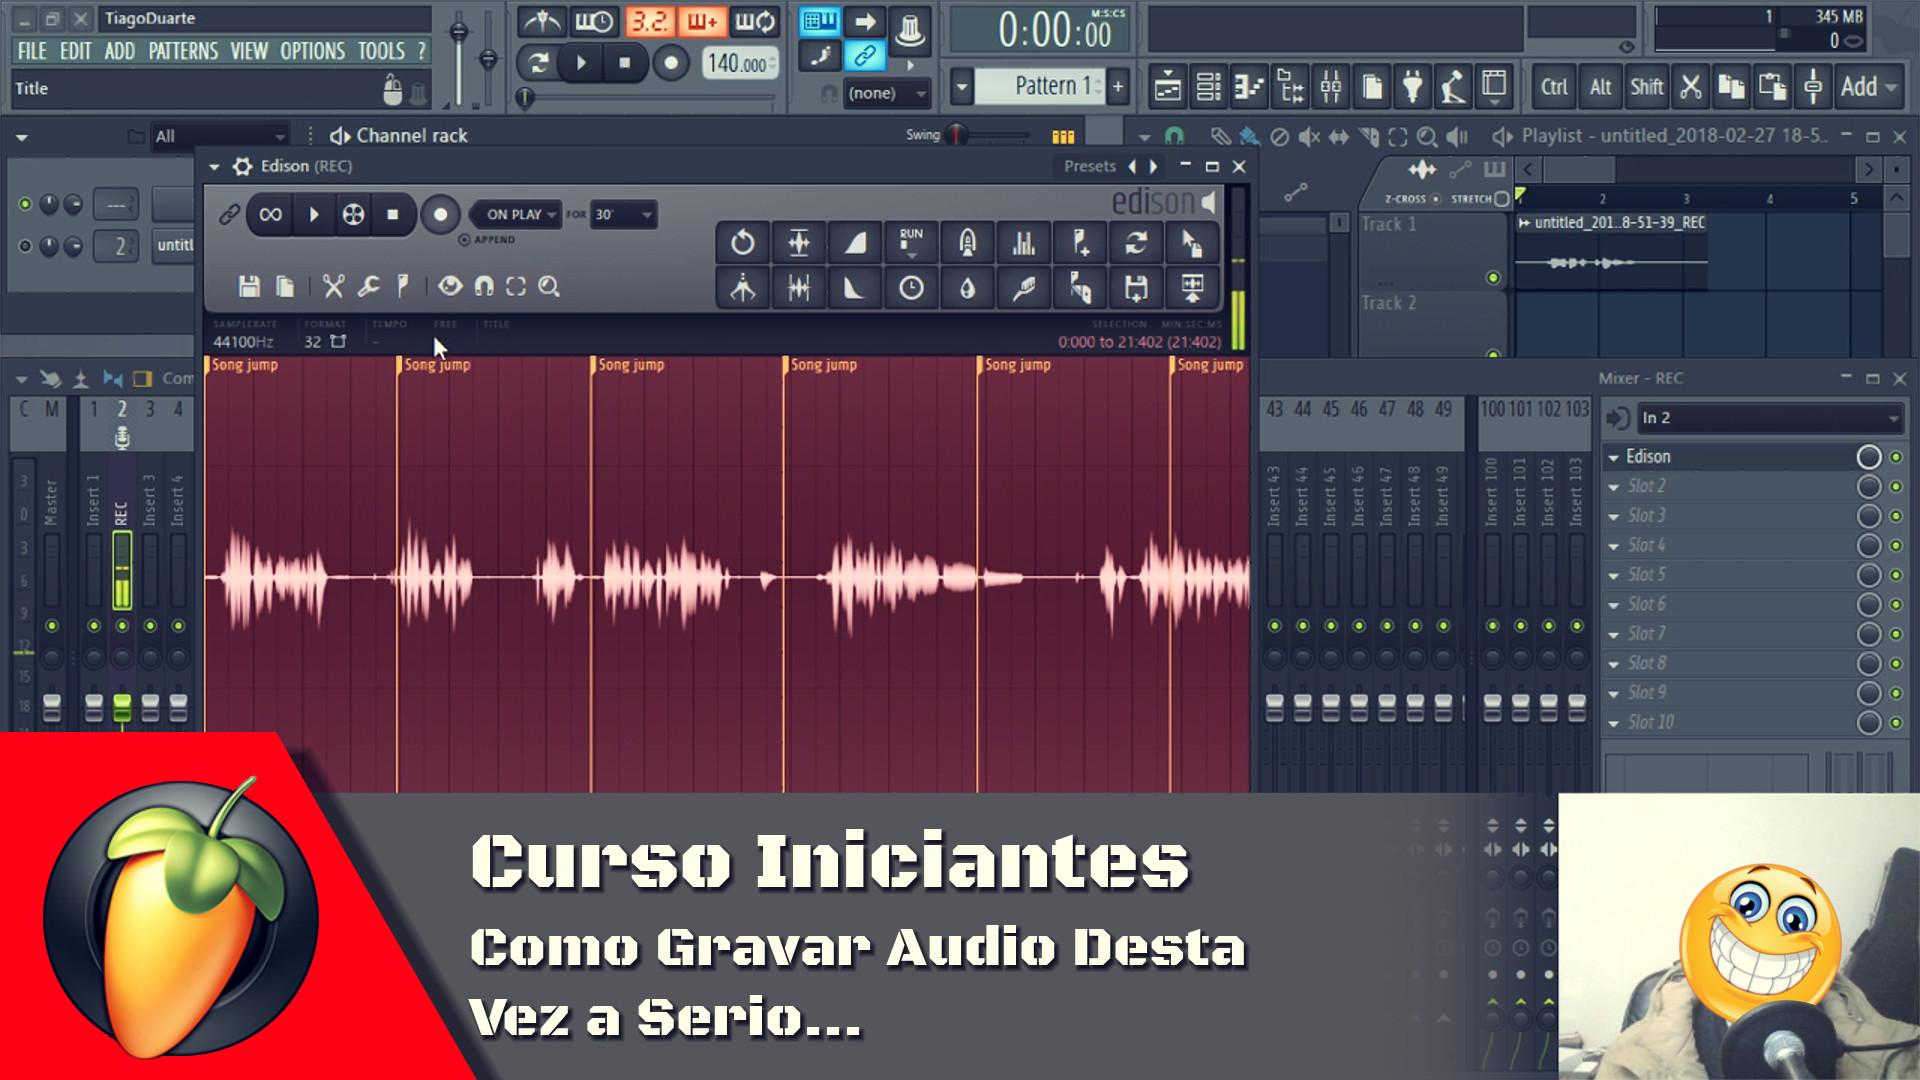 Como Gravar Audio Desta Vez a Serio